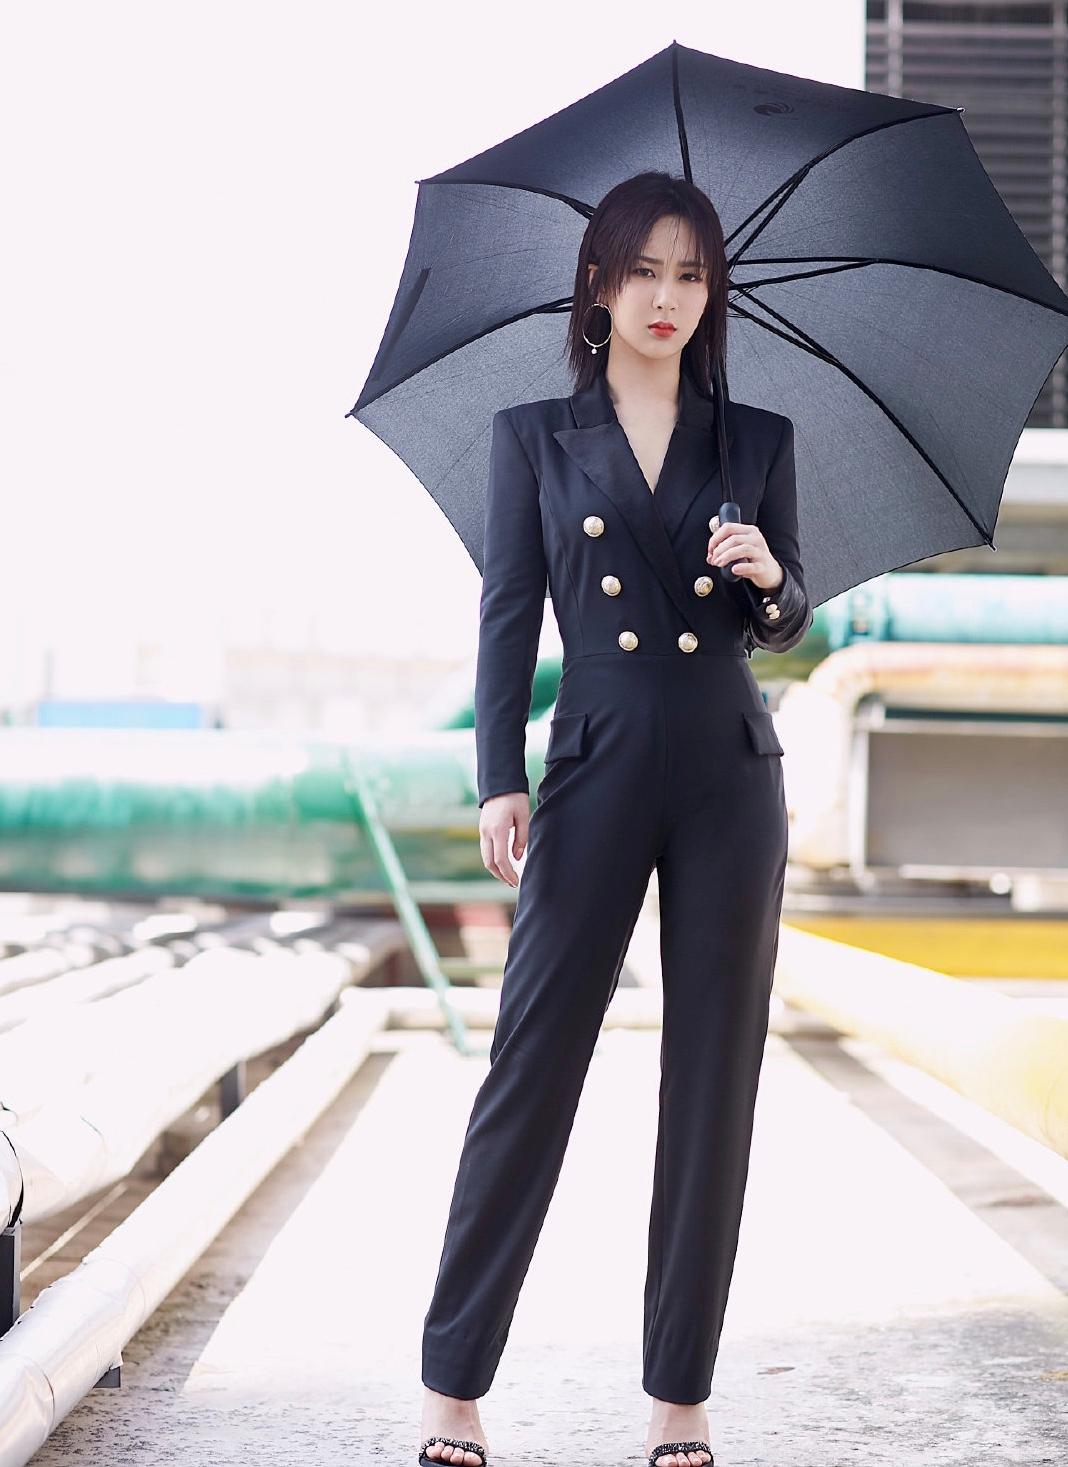 杨紫的造型师又成功了,穿黑色连体裤展示轻熟魅力,像换了个人